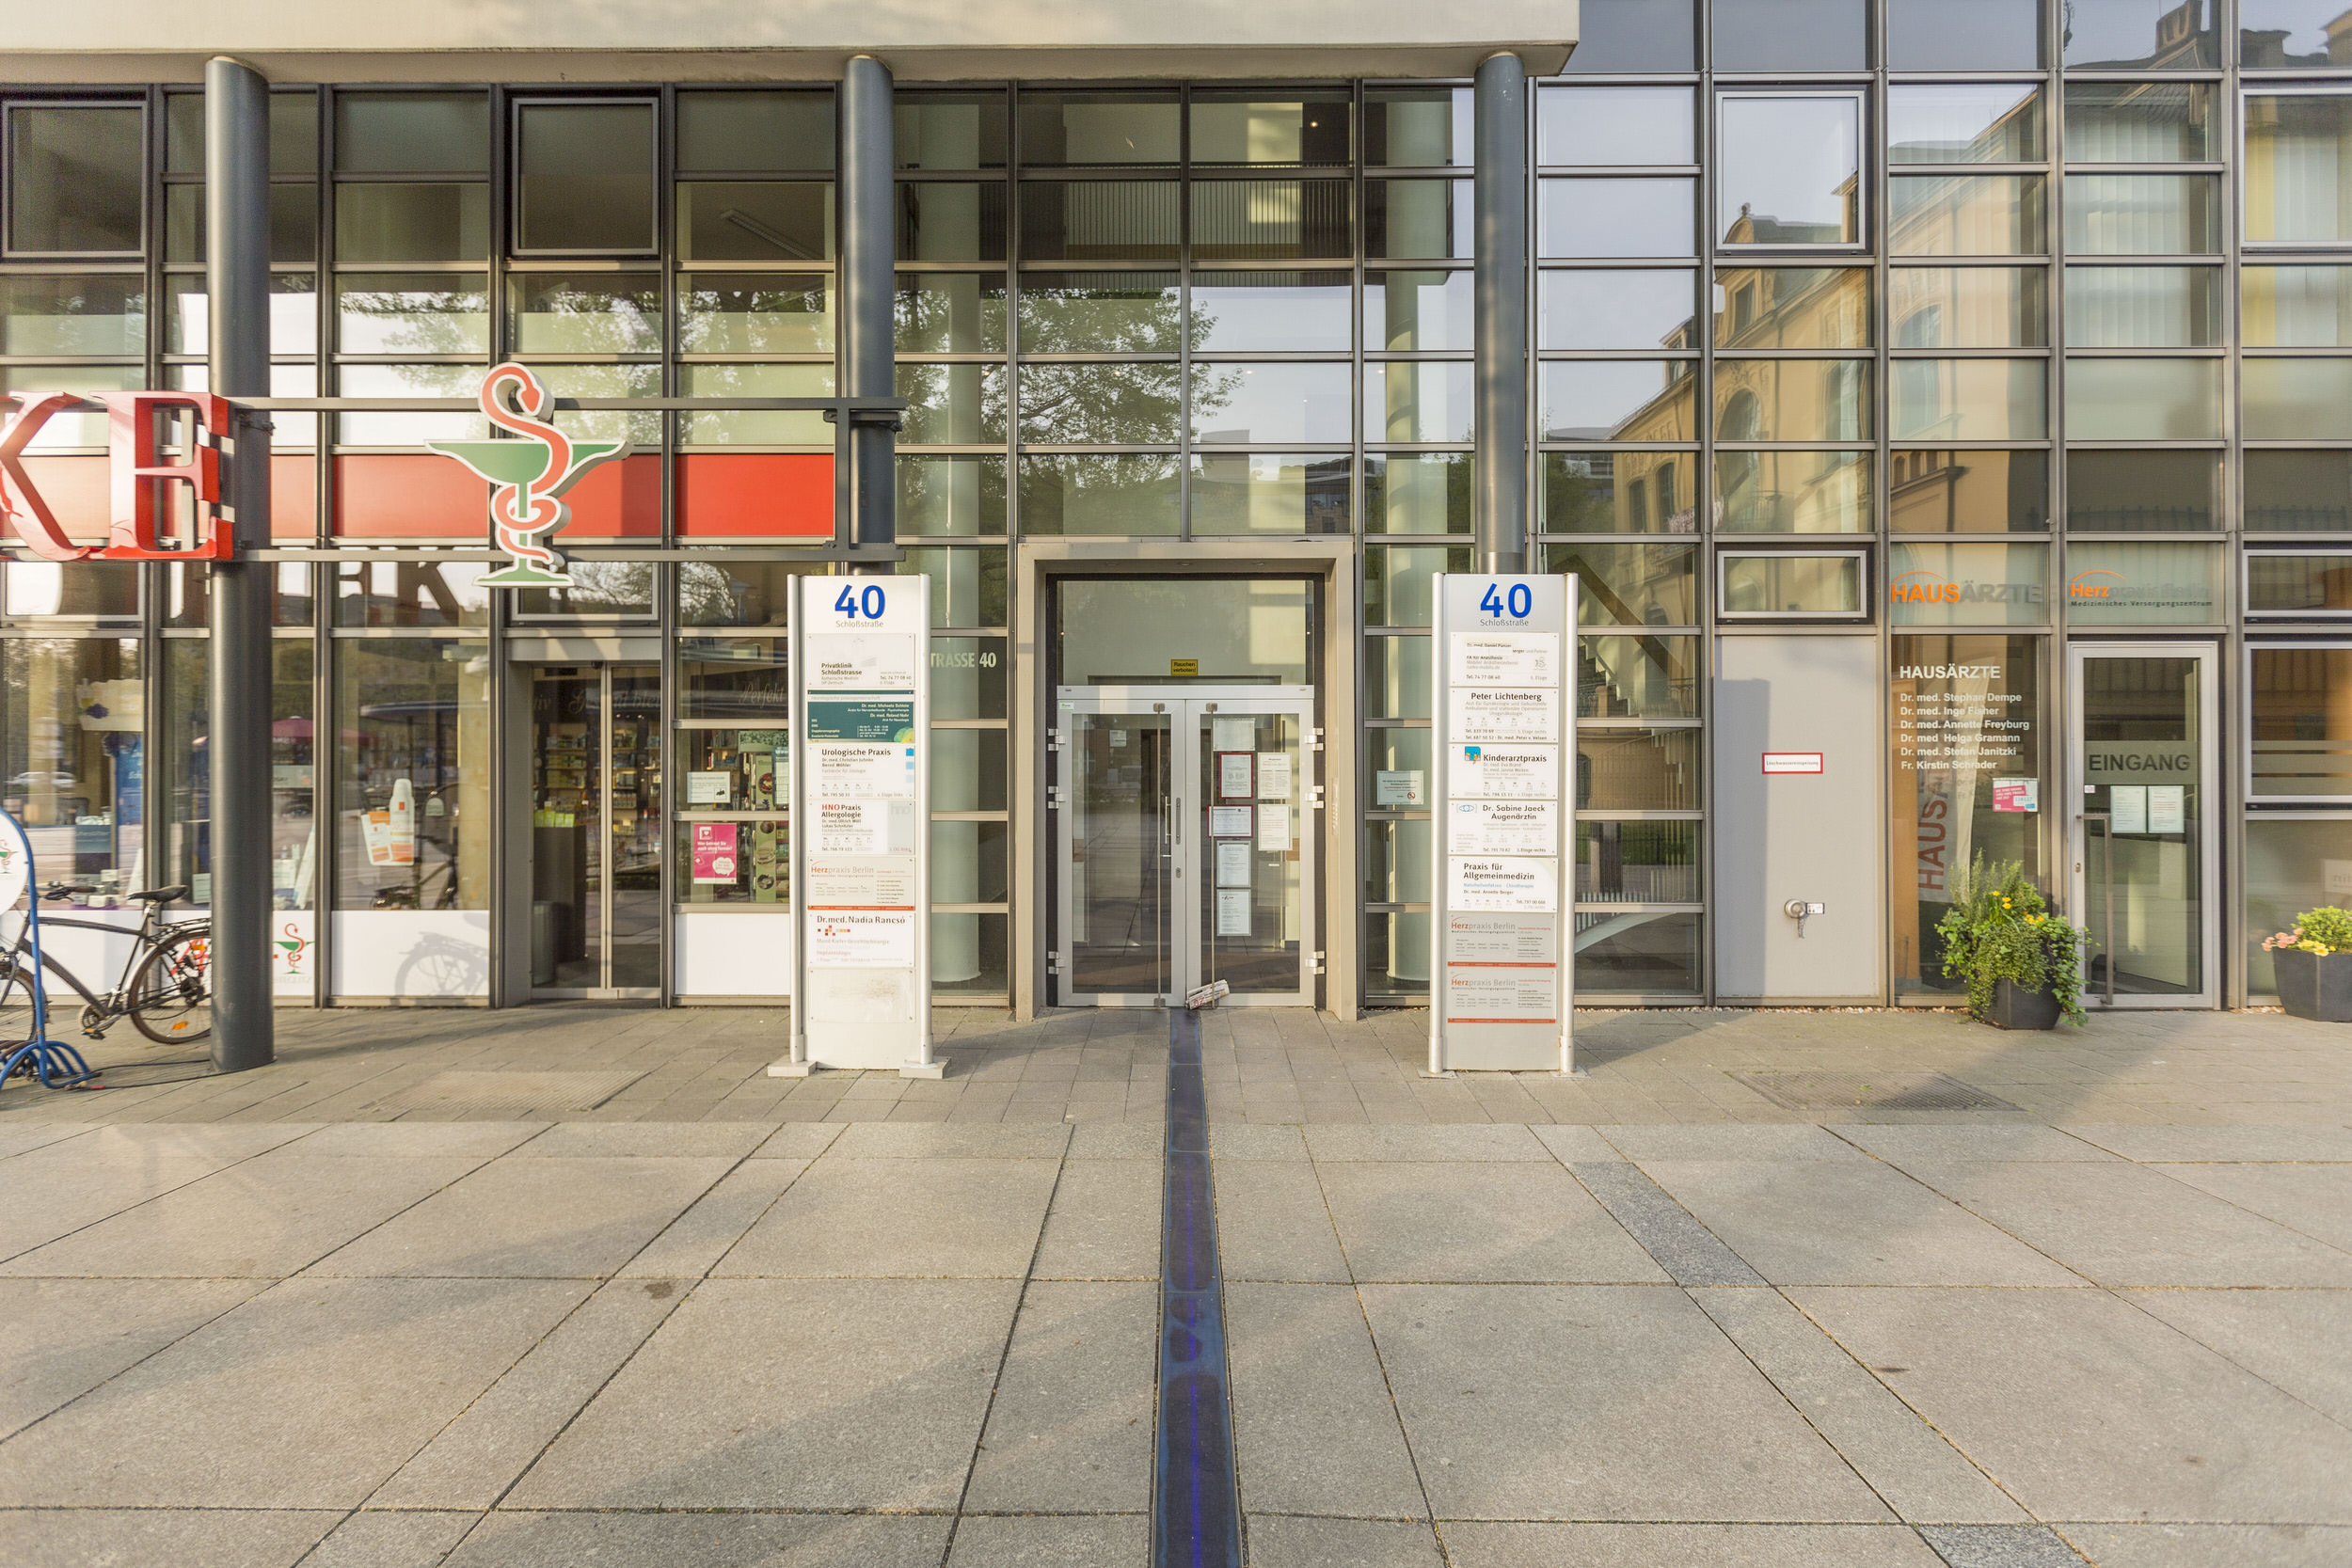 finest selection 18e57 da641 Ärztehaus Schlossstraße - Ihr Ärztehaus mit Apotheke am ...